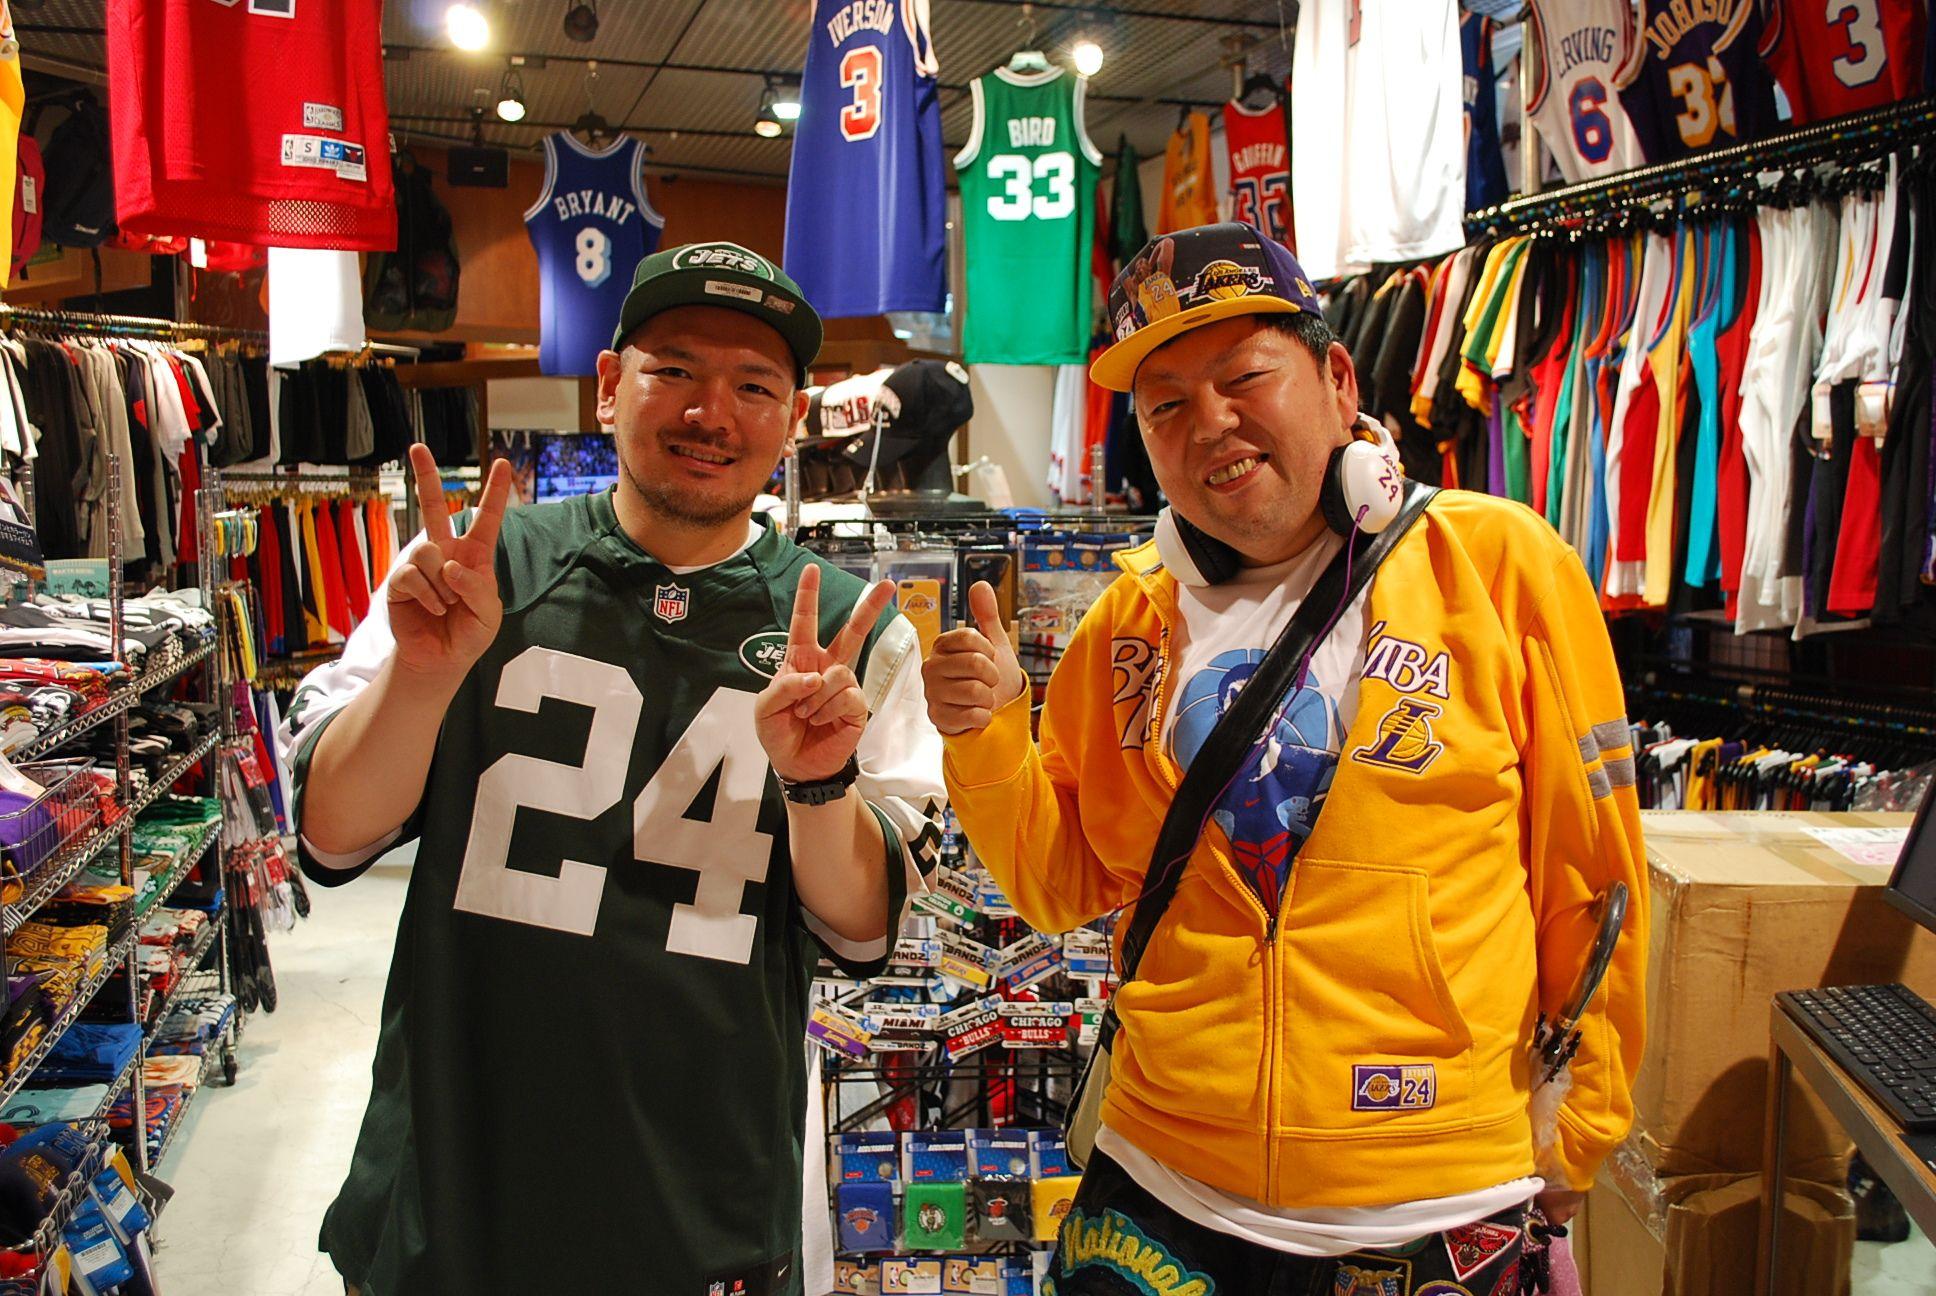 【大阪店】2014.06.07 常連様の田之内様です。いつもスナップありがとうございます。また、遊びに来てくださいね☆